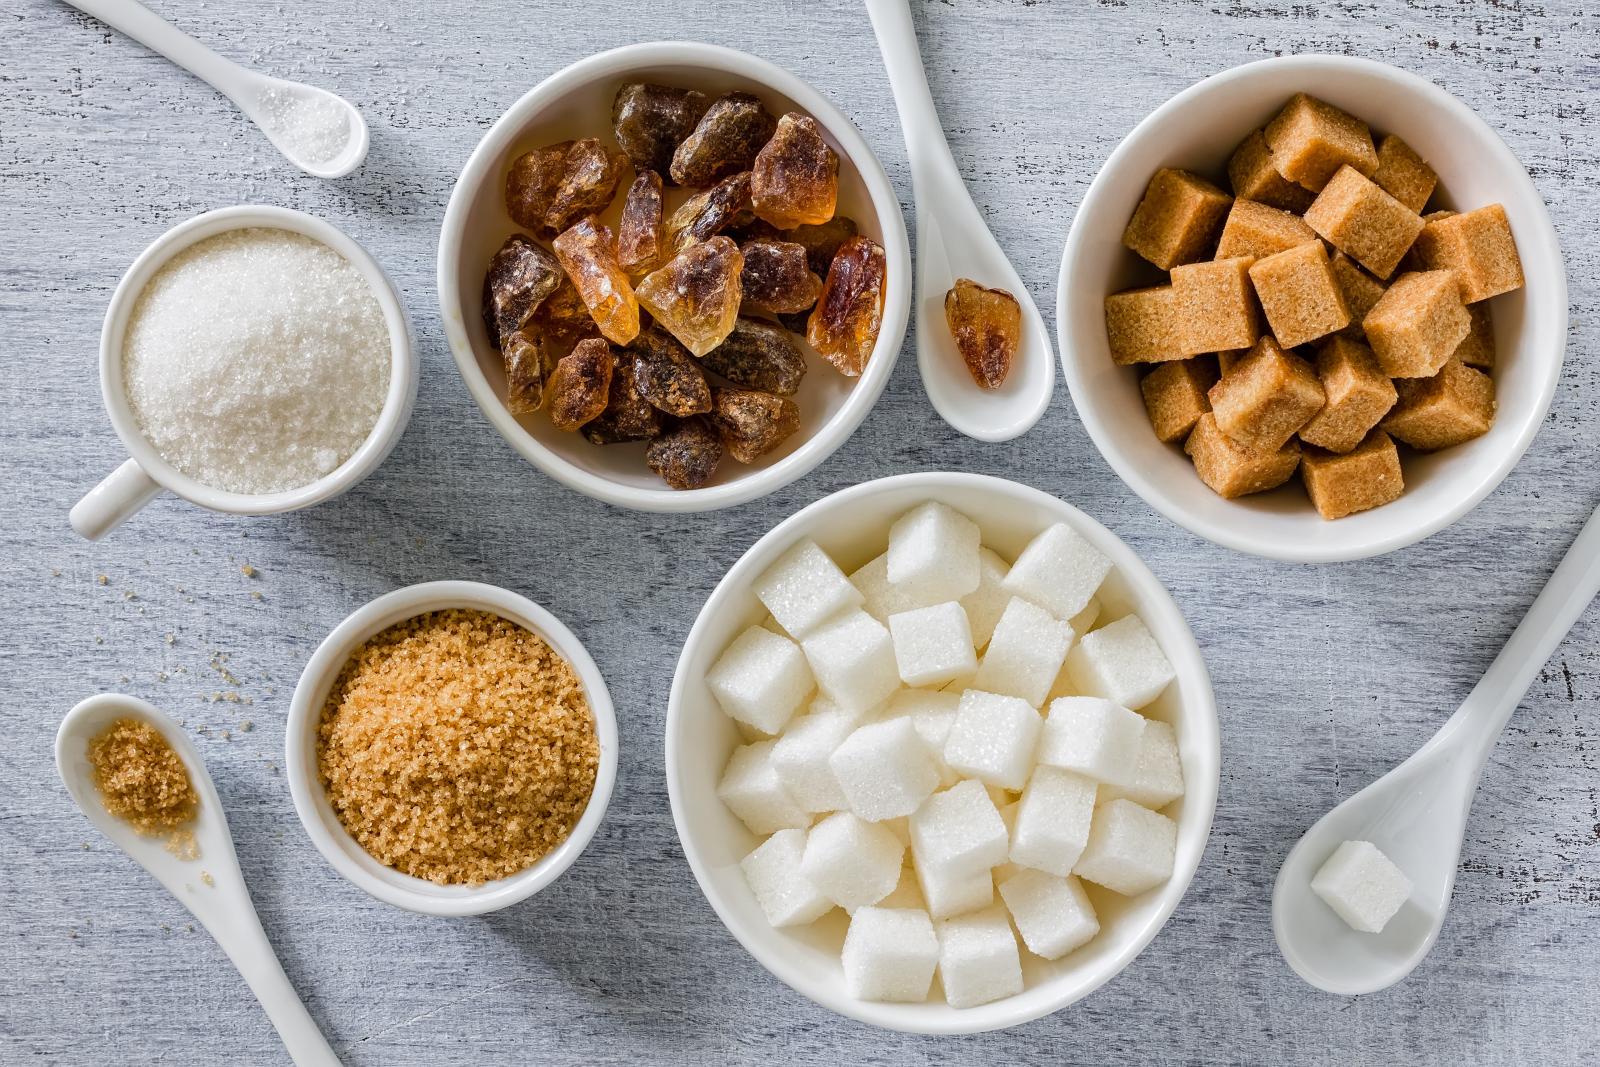 Suprotno uvjeravanjima, nema osnove  za podršku komercijalnom smeđem šećeru kao zdravijoj alternativi bijelom...